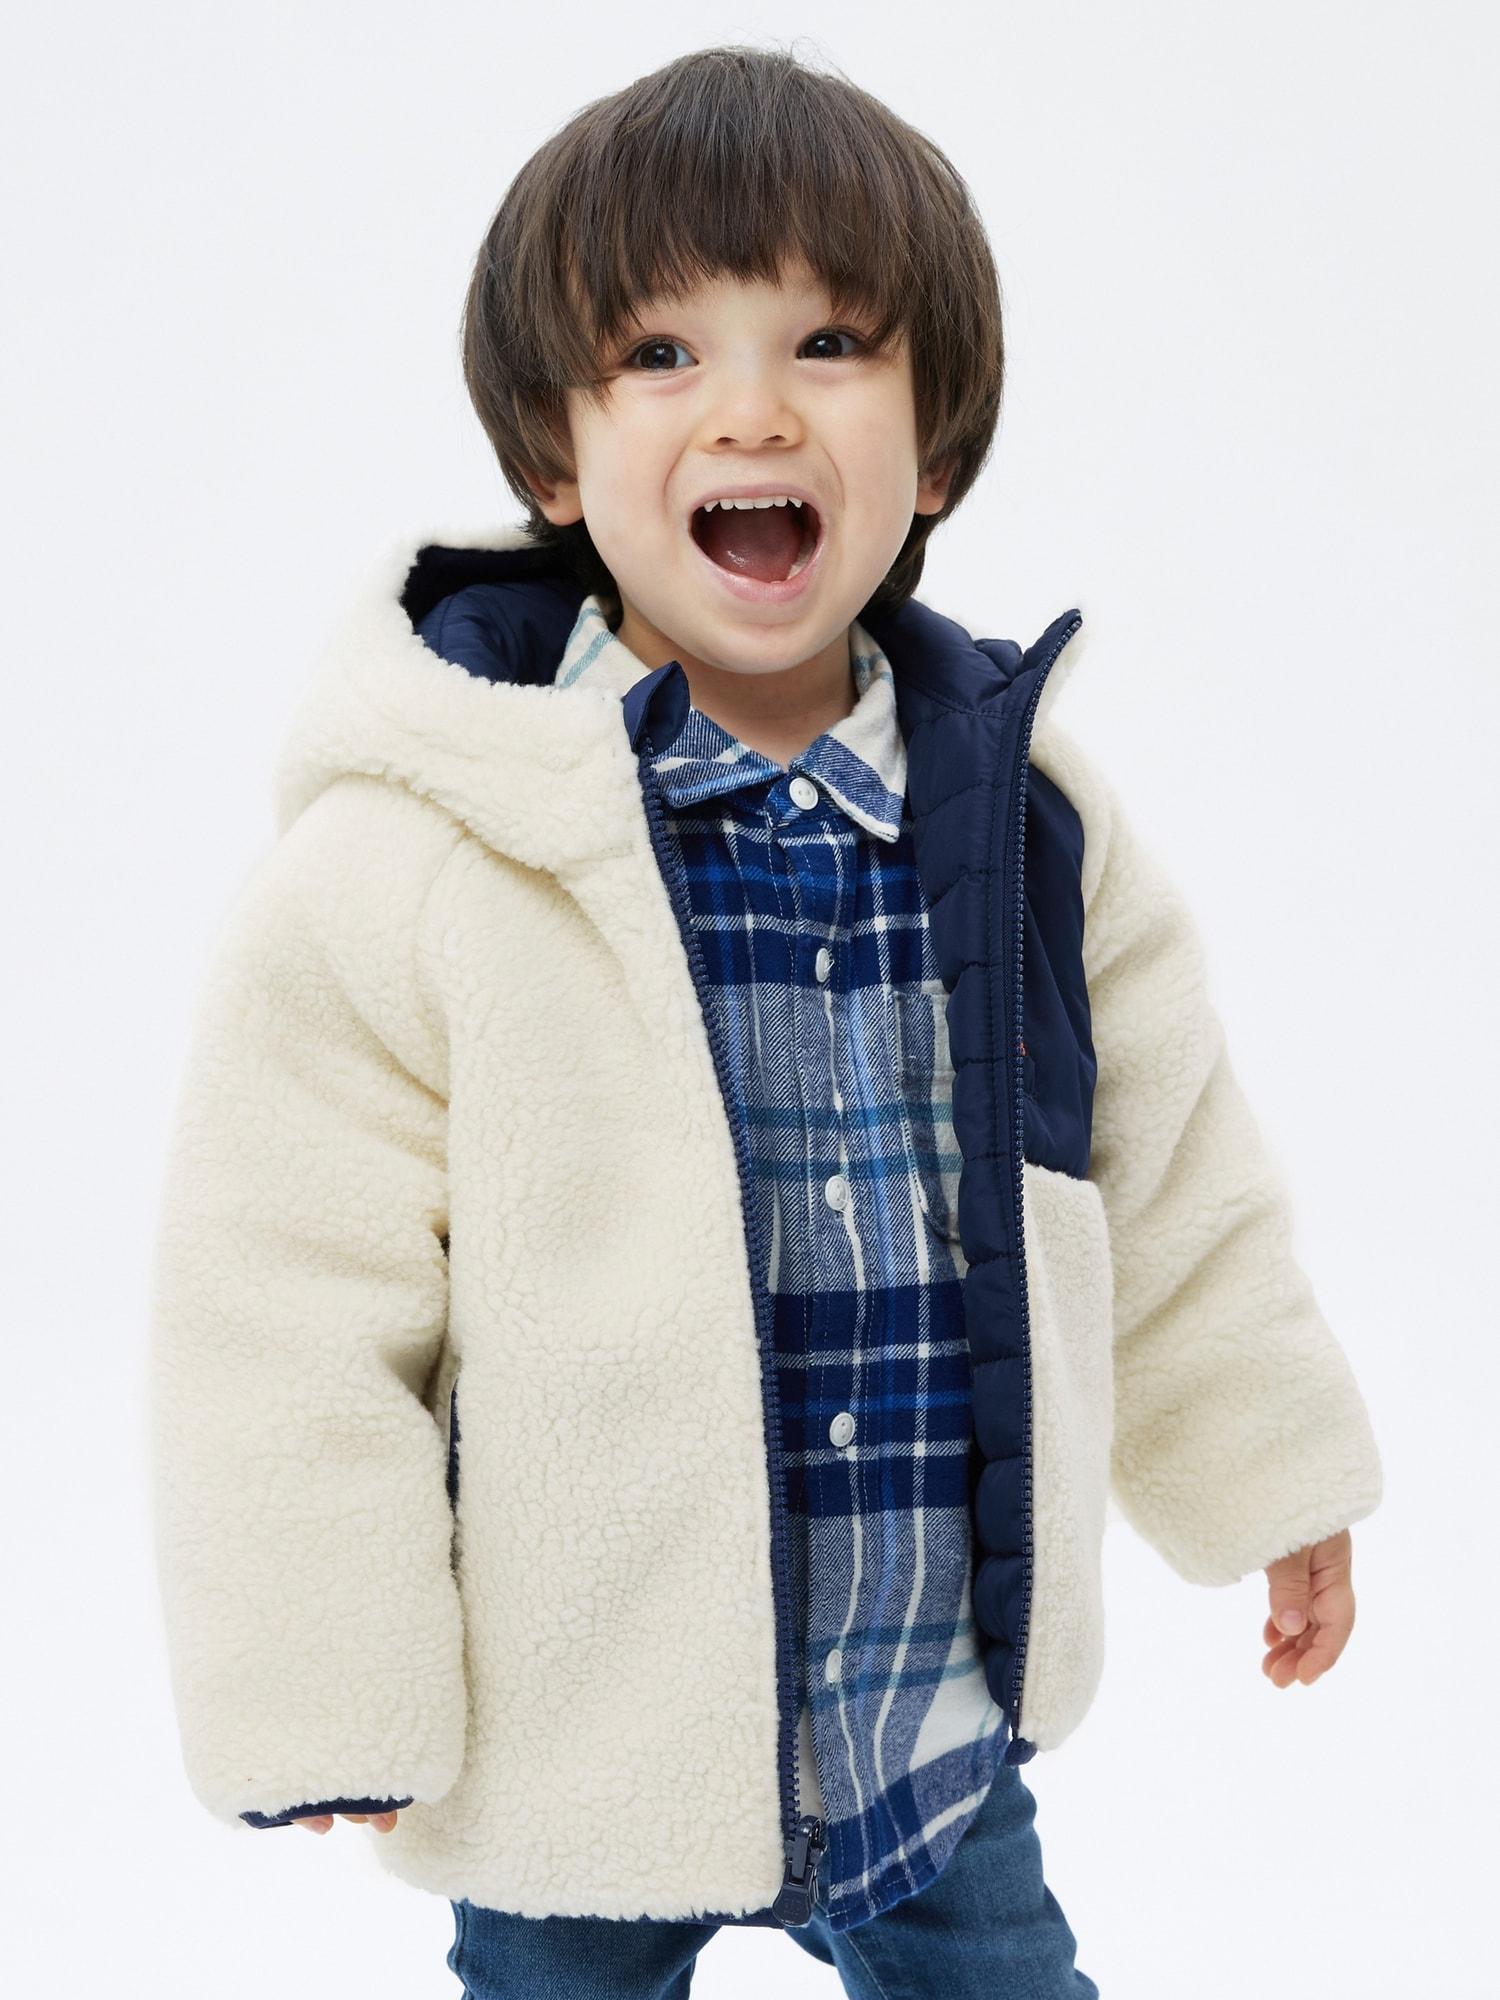 リバーシブル シェルパジャケット (幼児・ユニセックス)